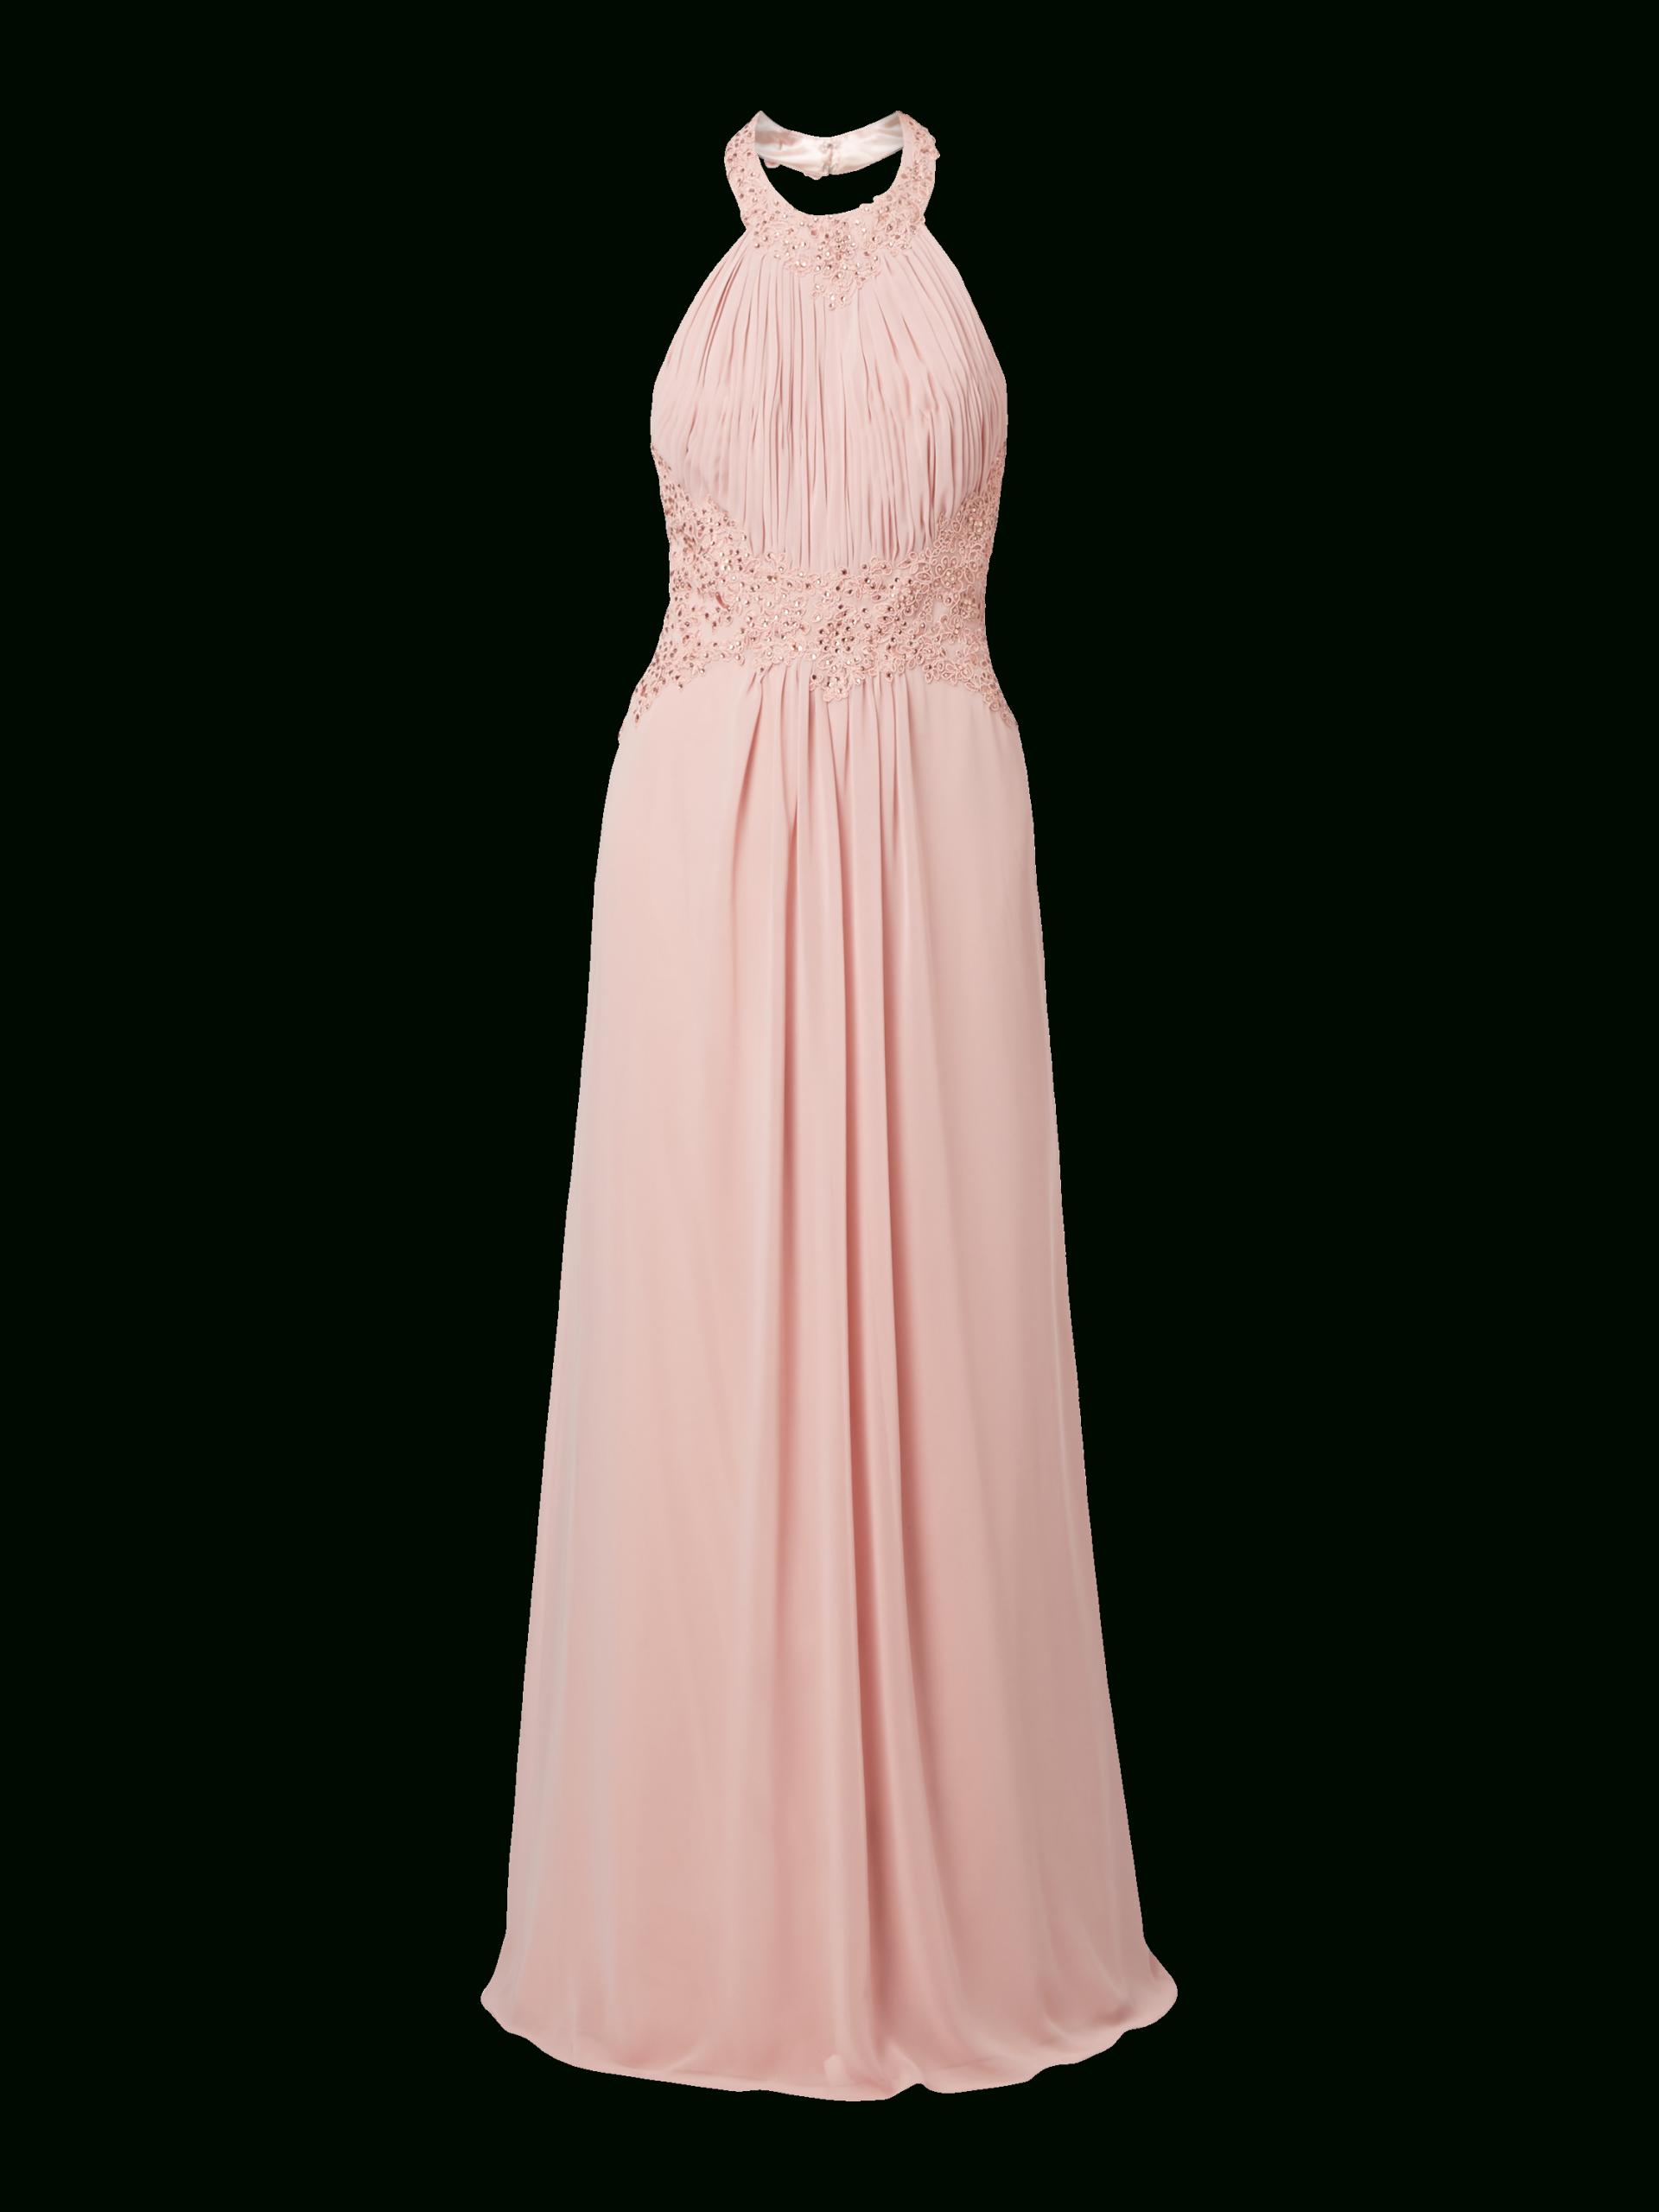 Designer Perfekt Stola Für Abendkleid Galerie20 Cool Stola Für Abendkleid Vertrieb